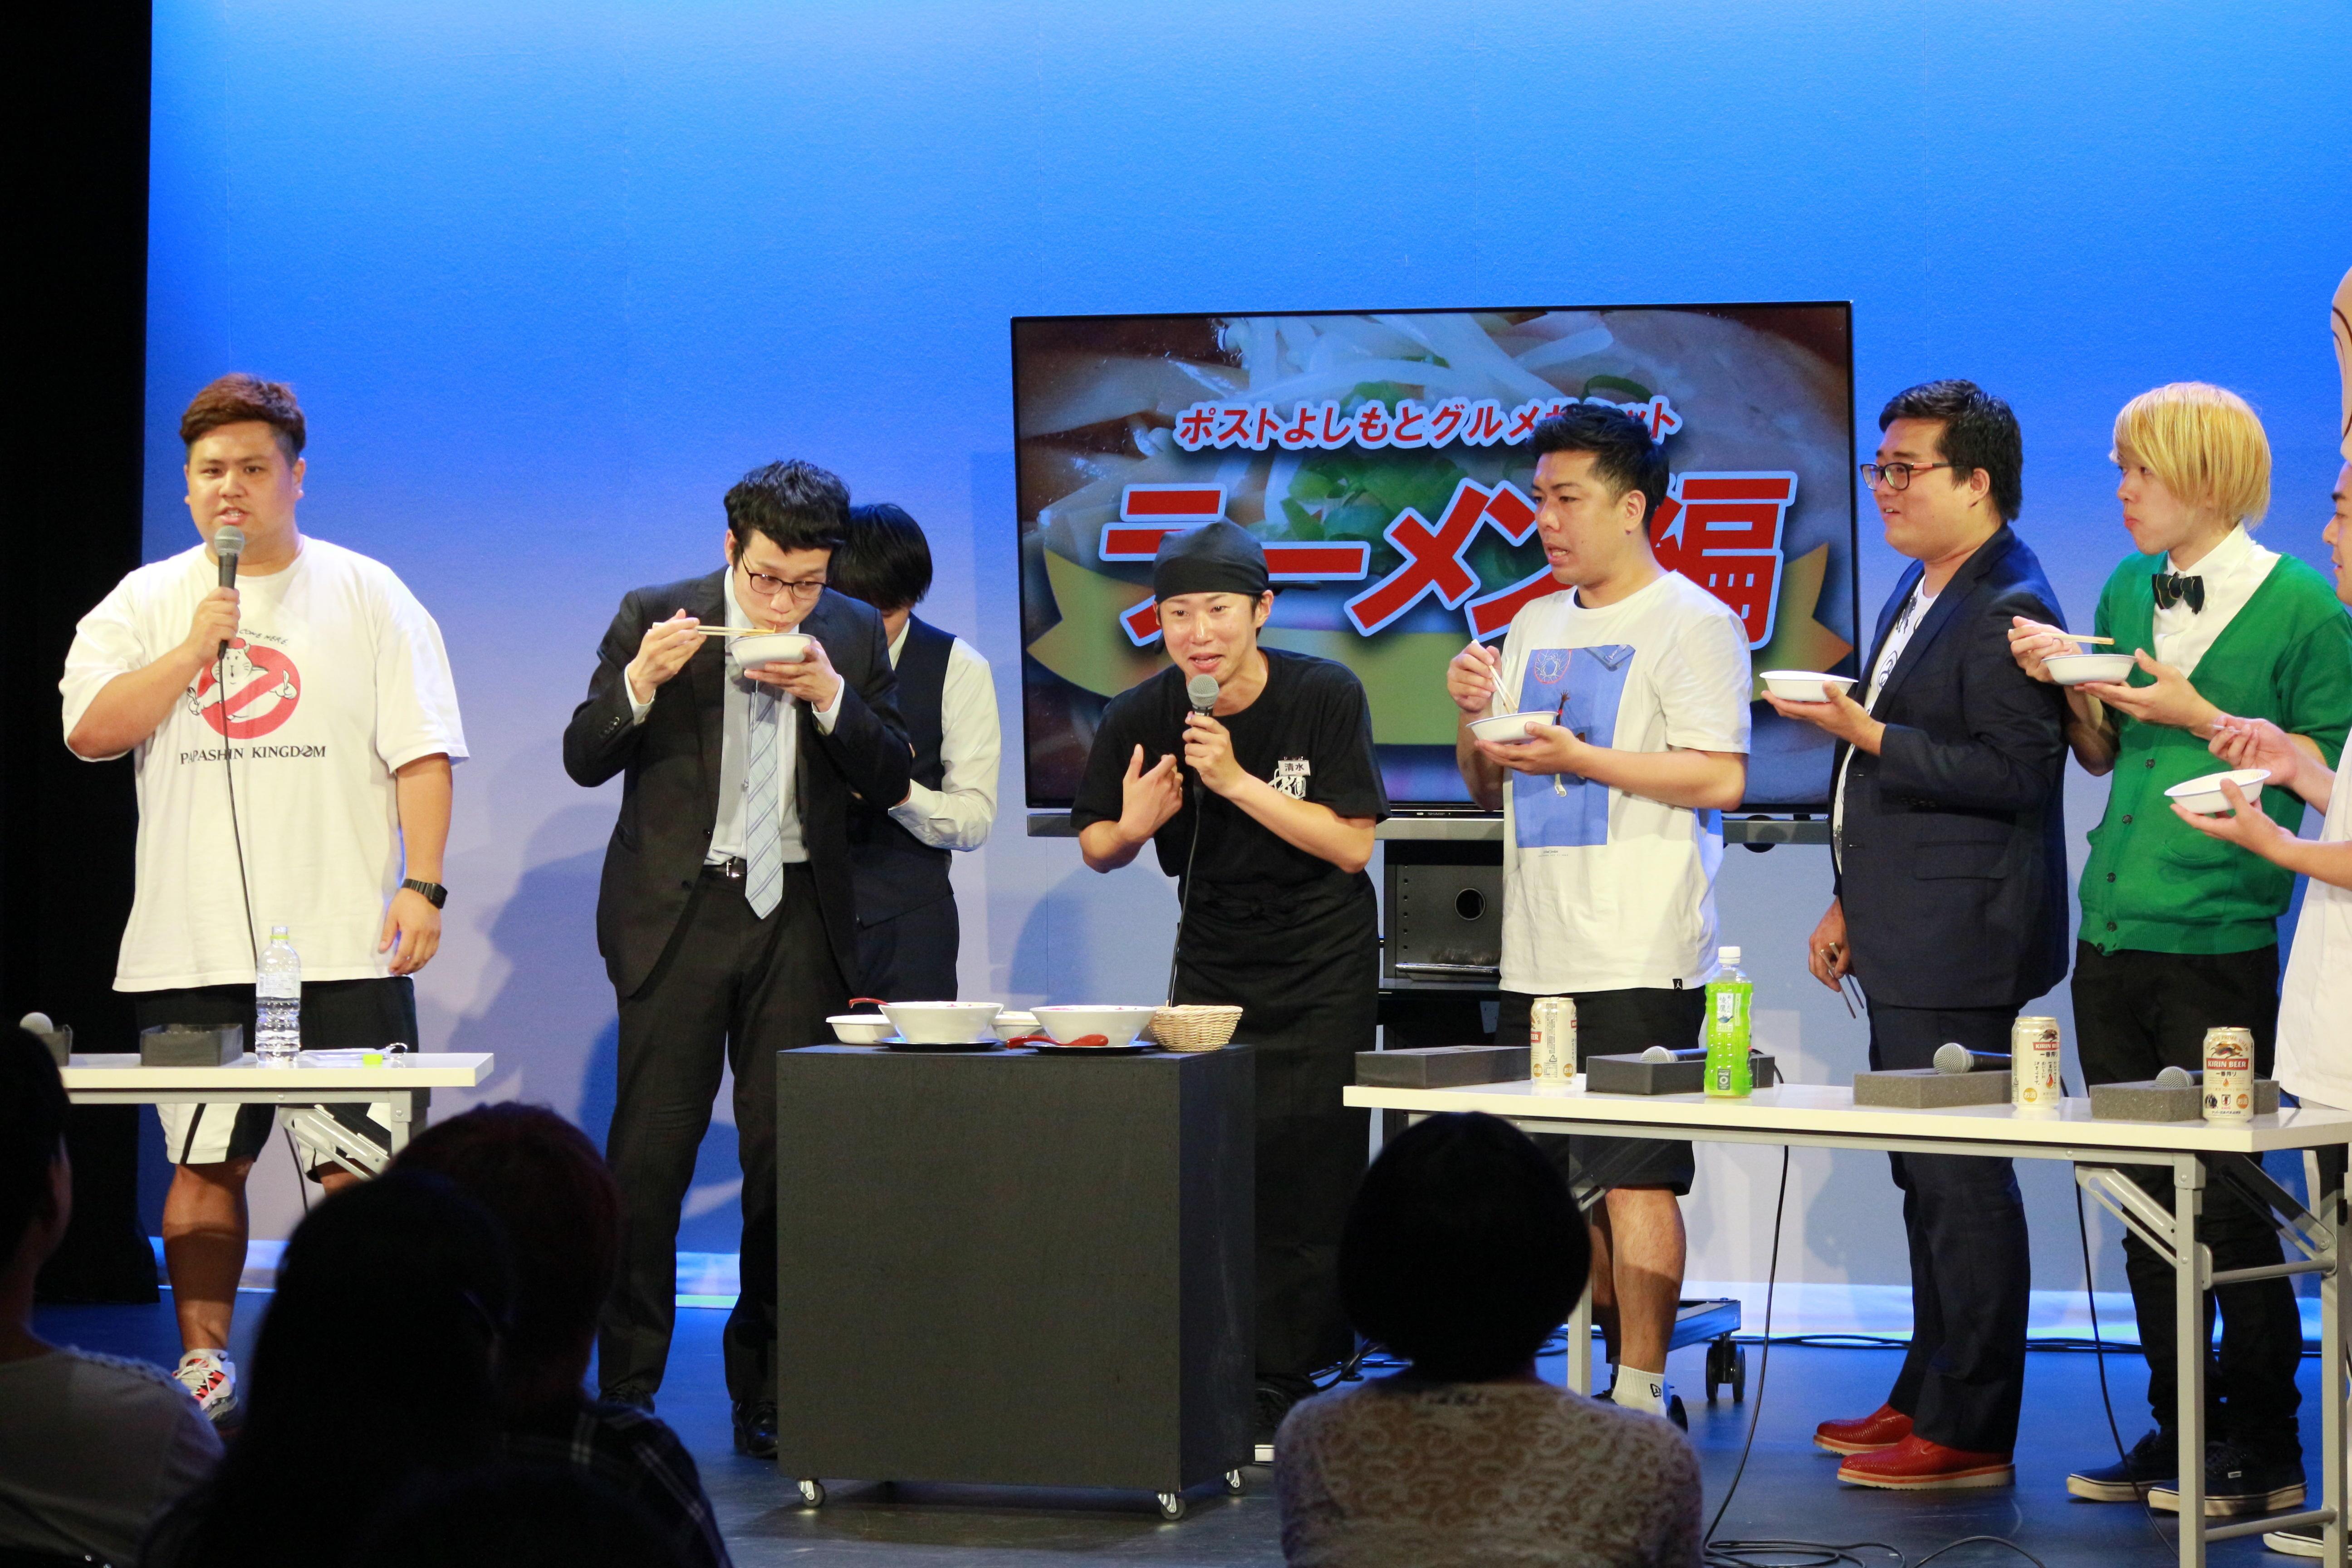 http://news.yoshimoto.co.jp/20180630025035-a2536bd12c3c4295cf7cd39ca3d68740b67a41d5.jpg